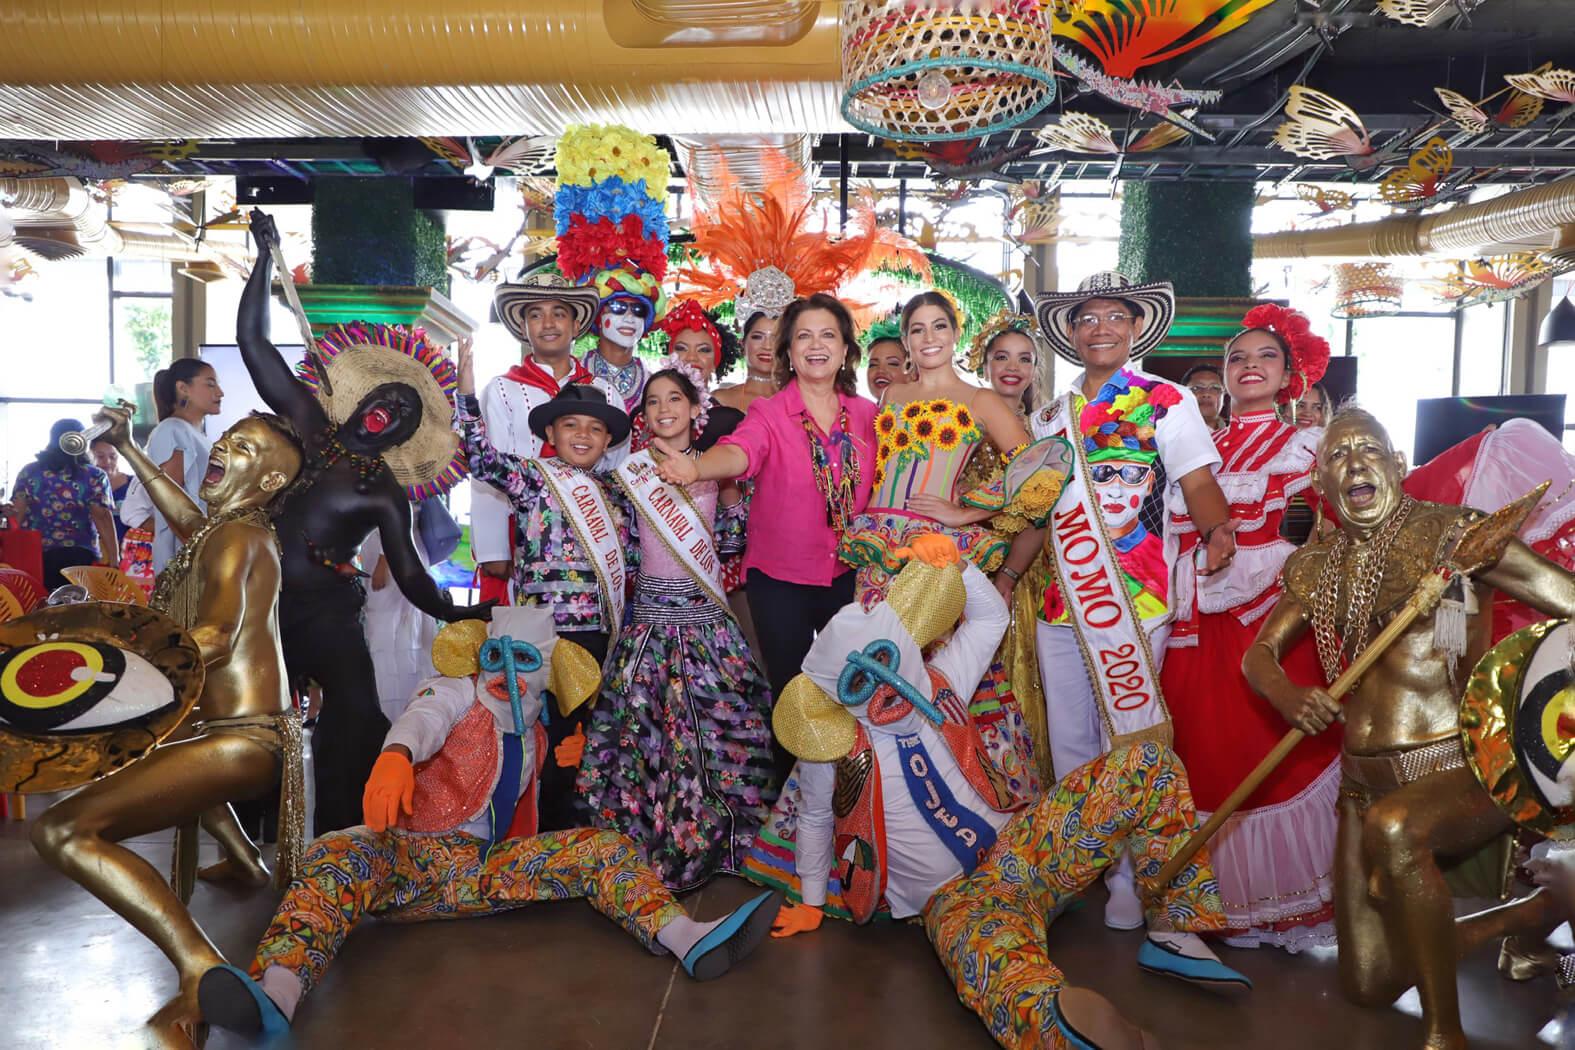 El Carnaval 2020, será ¡Pa' que lo viva, lo baile, lo cante y lo goce la gente!